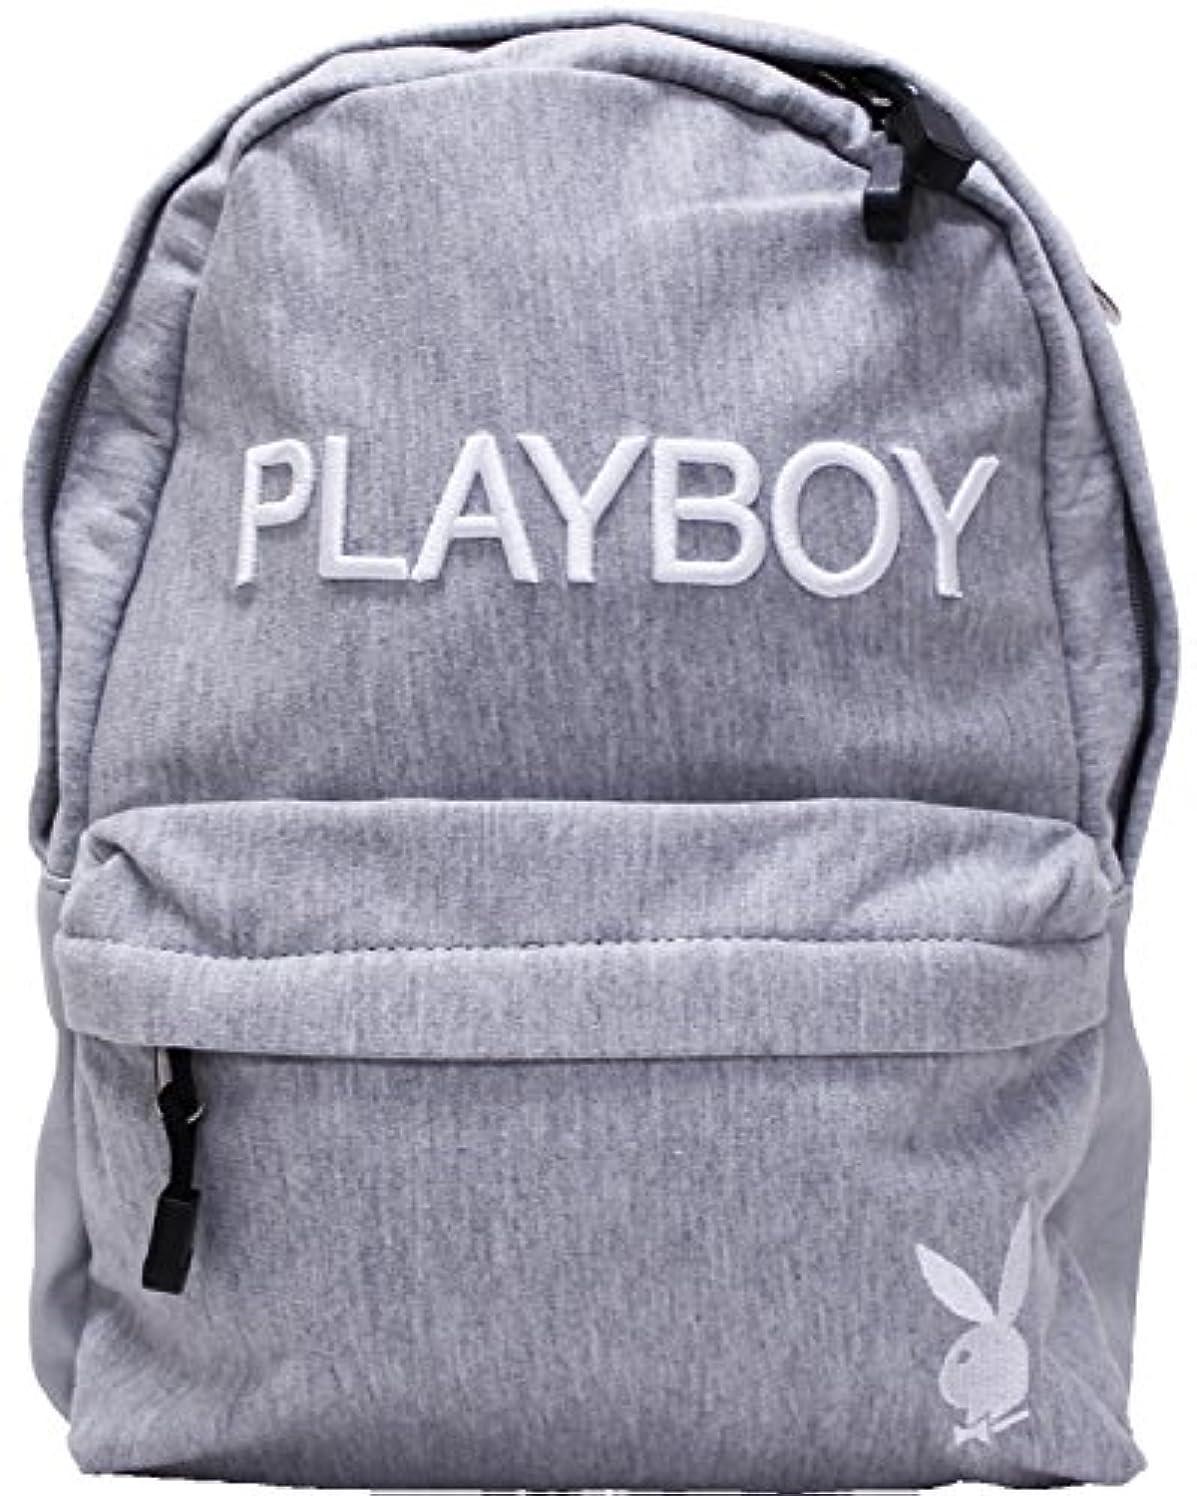 公式フィットミント(プレイボーイ)PLAYBOY KIDS(キッズ) スウェット立体ロゴ刺繍リュック(デイパック リュックサック)